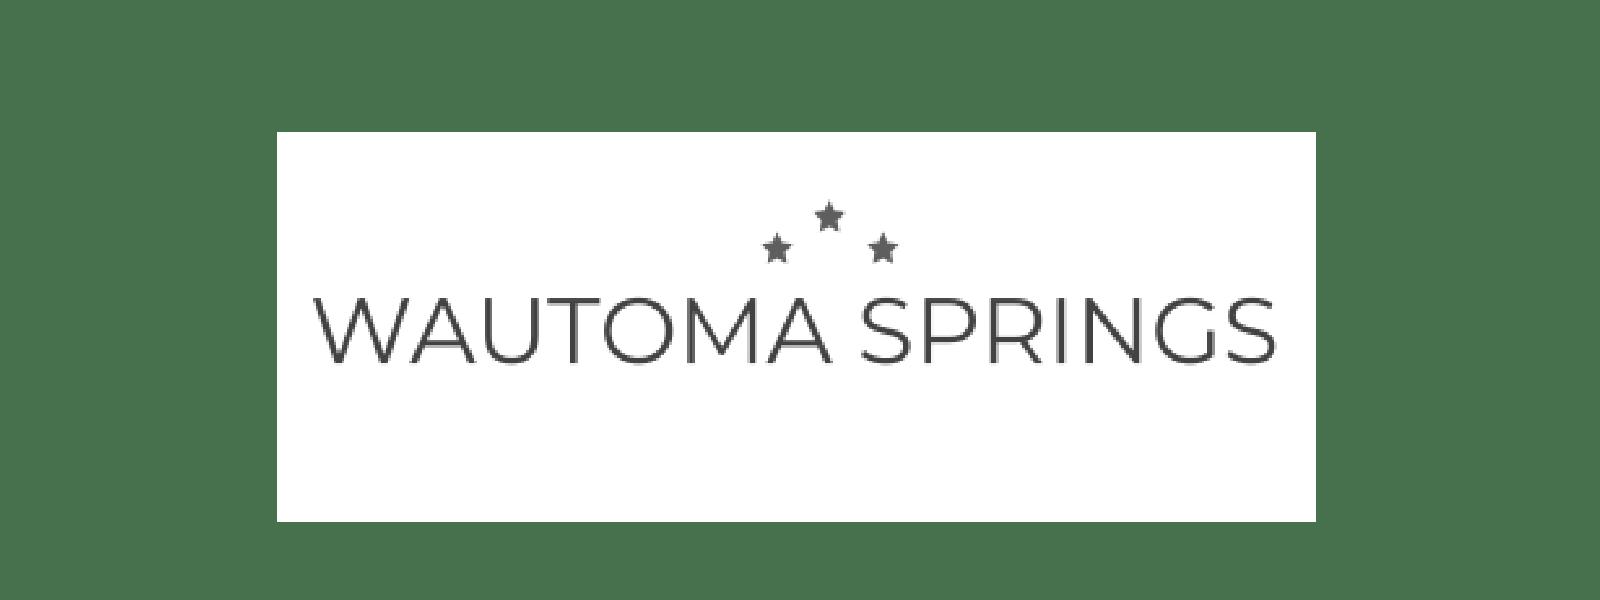 Wautoma Springs logo